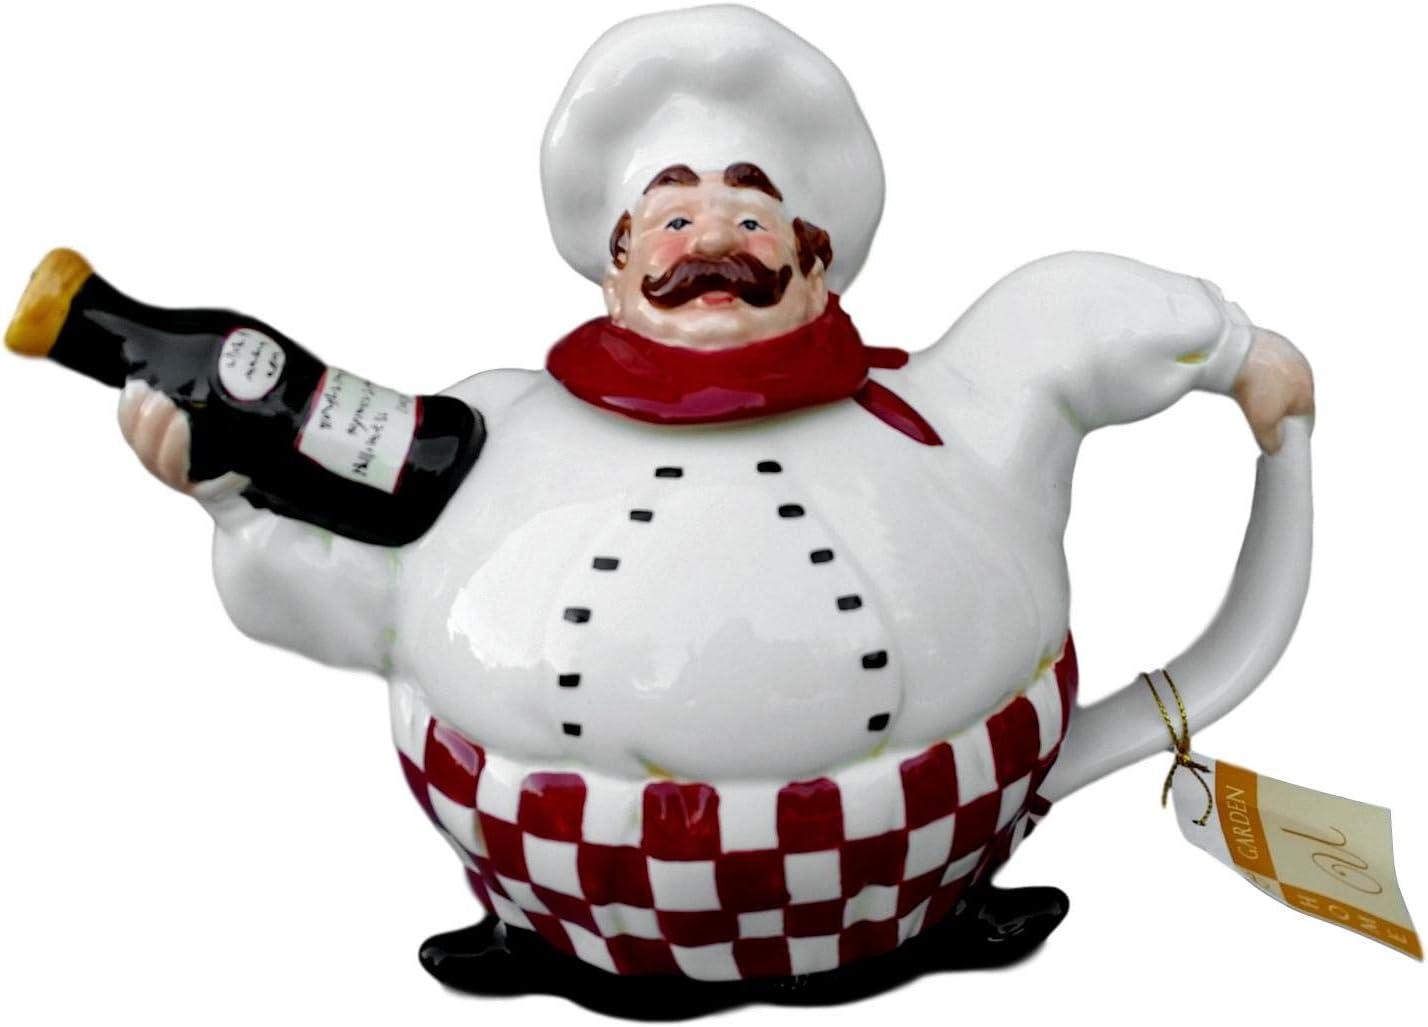 French Chef セラミックティーポット